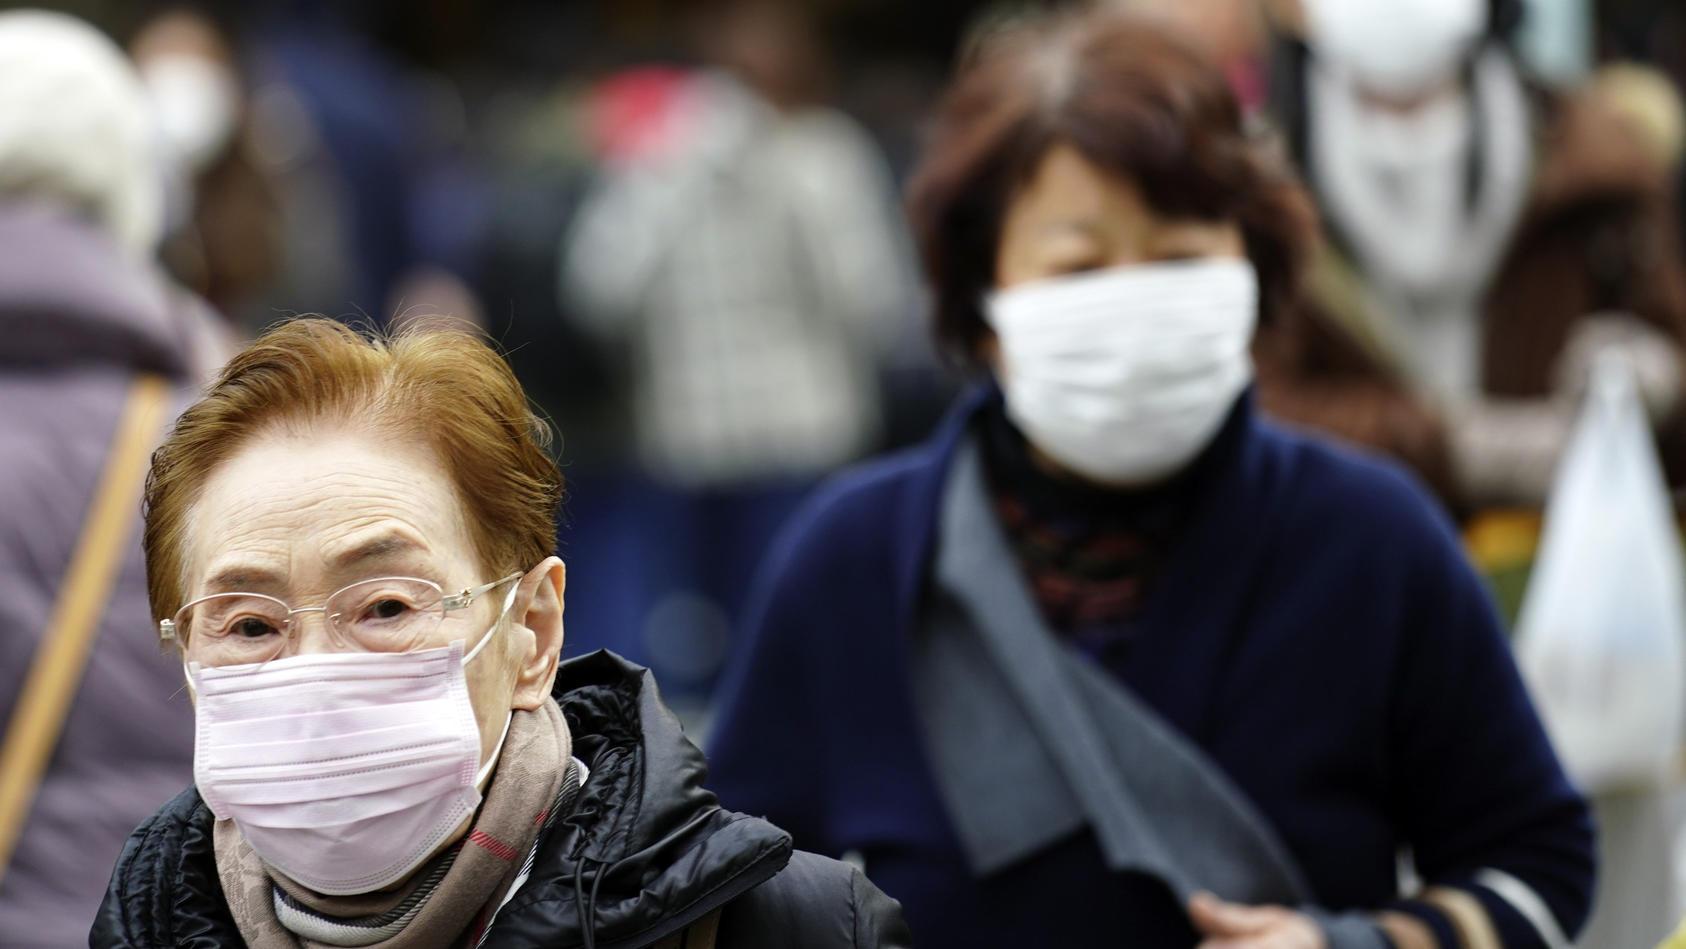 Der Coronavirus aus China wurde mittlerweile auch in Japan nachgewiesen.